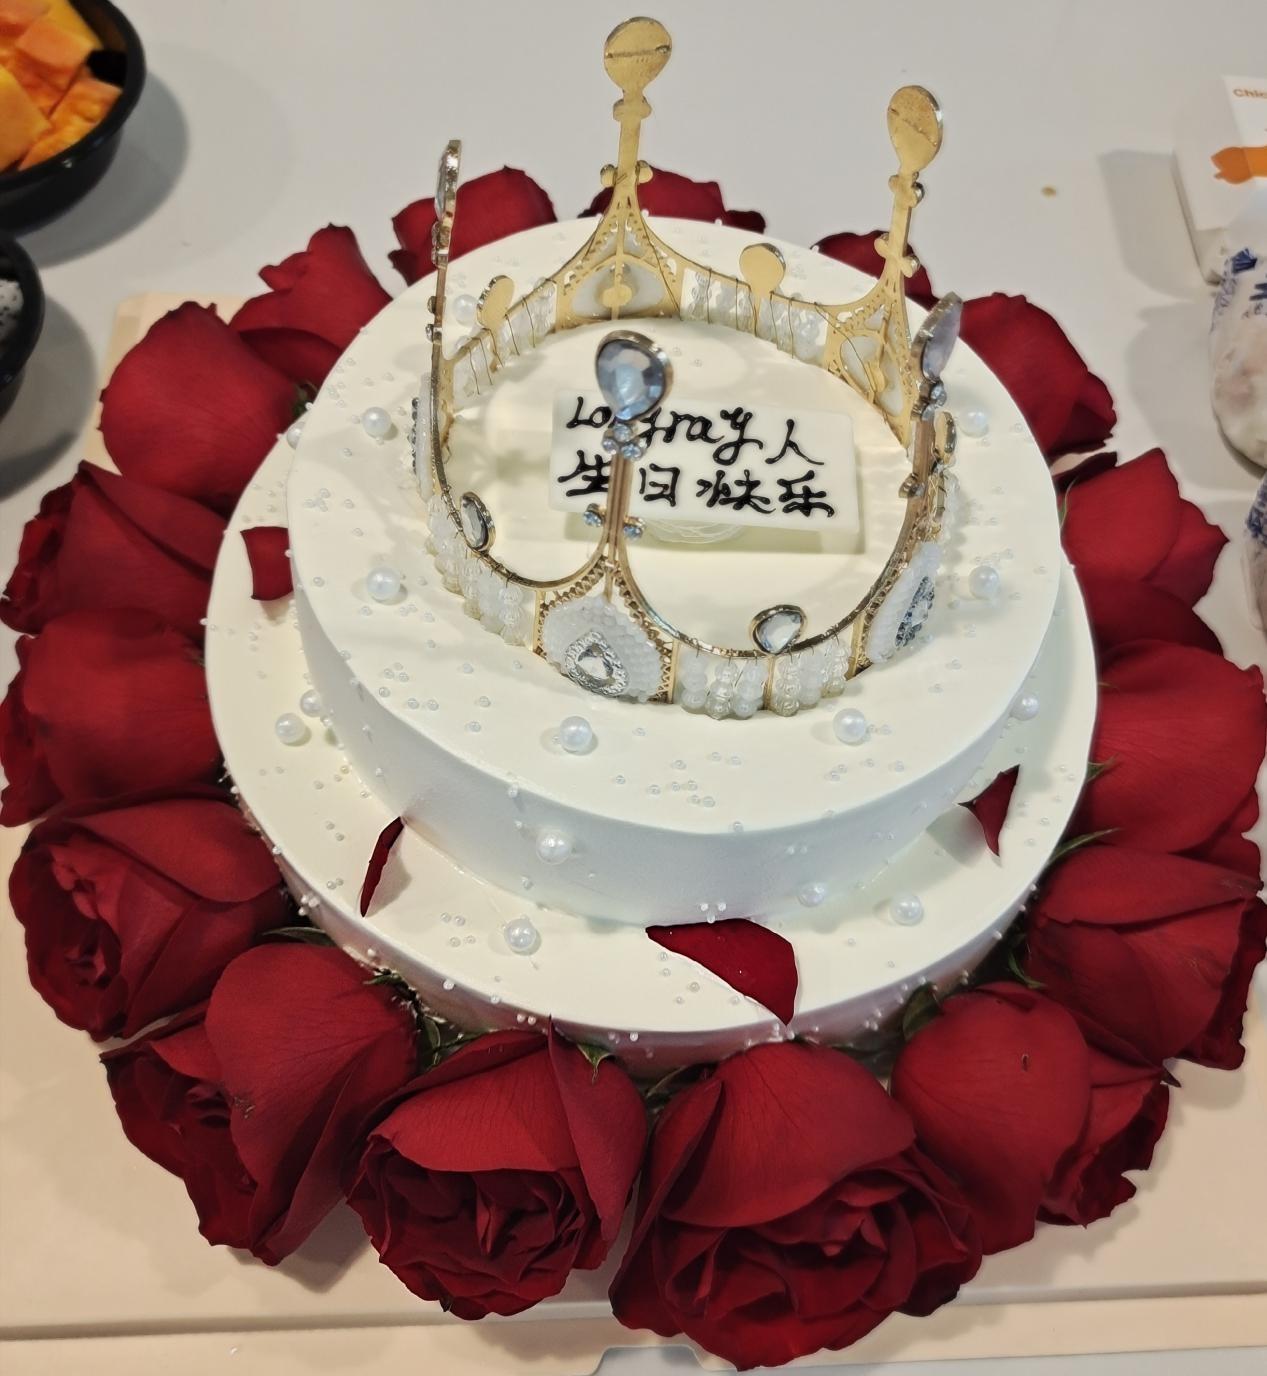 朗玥科技11月员工生日会